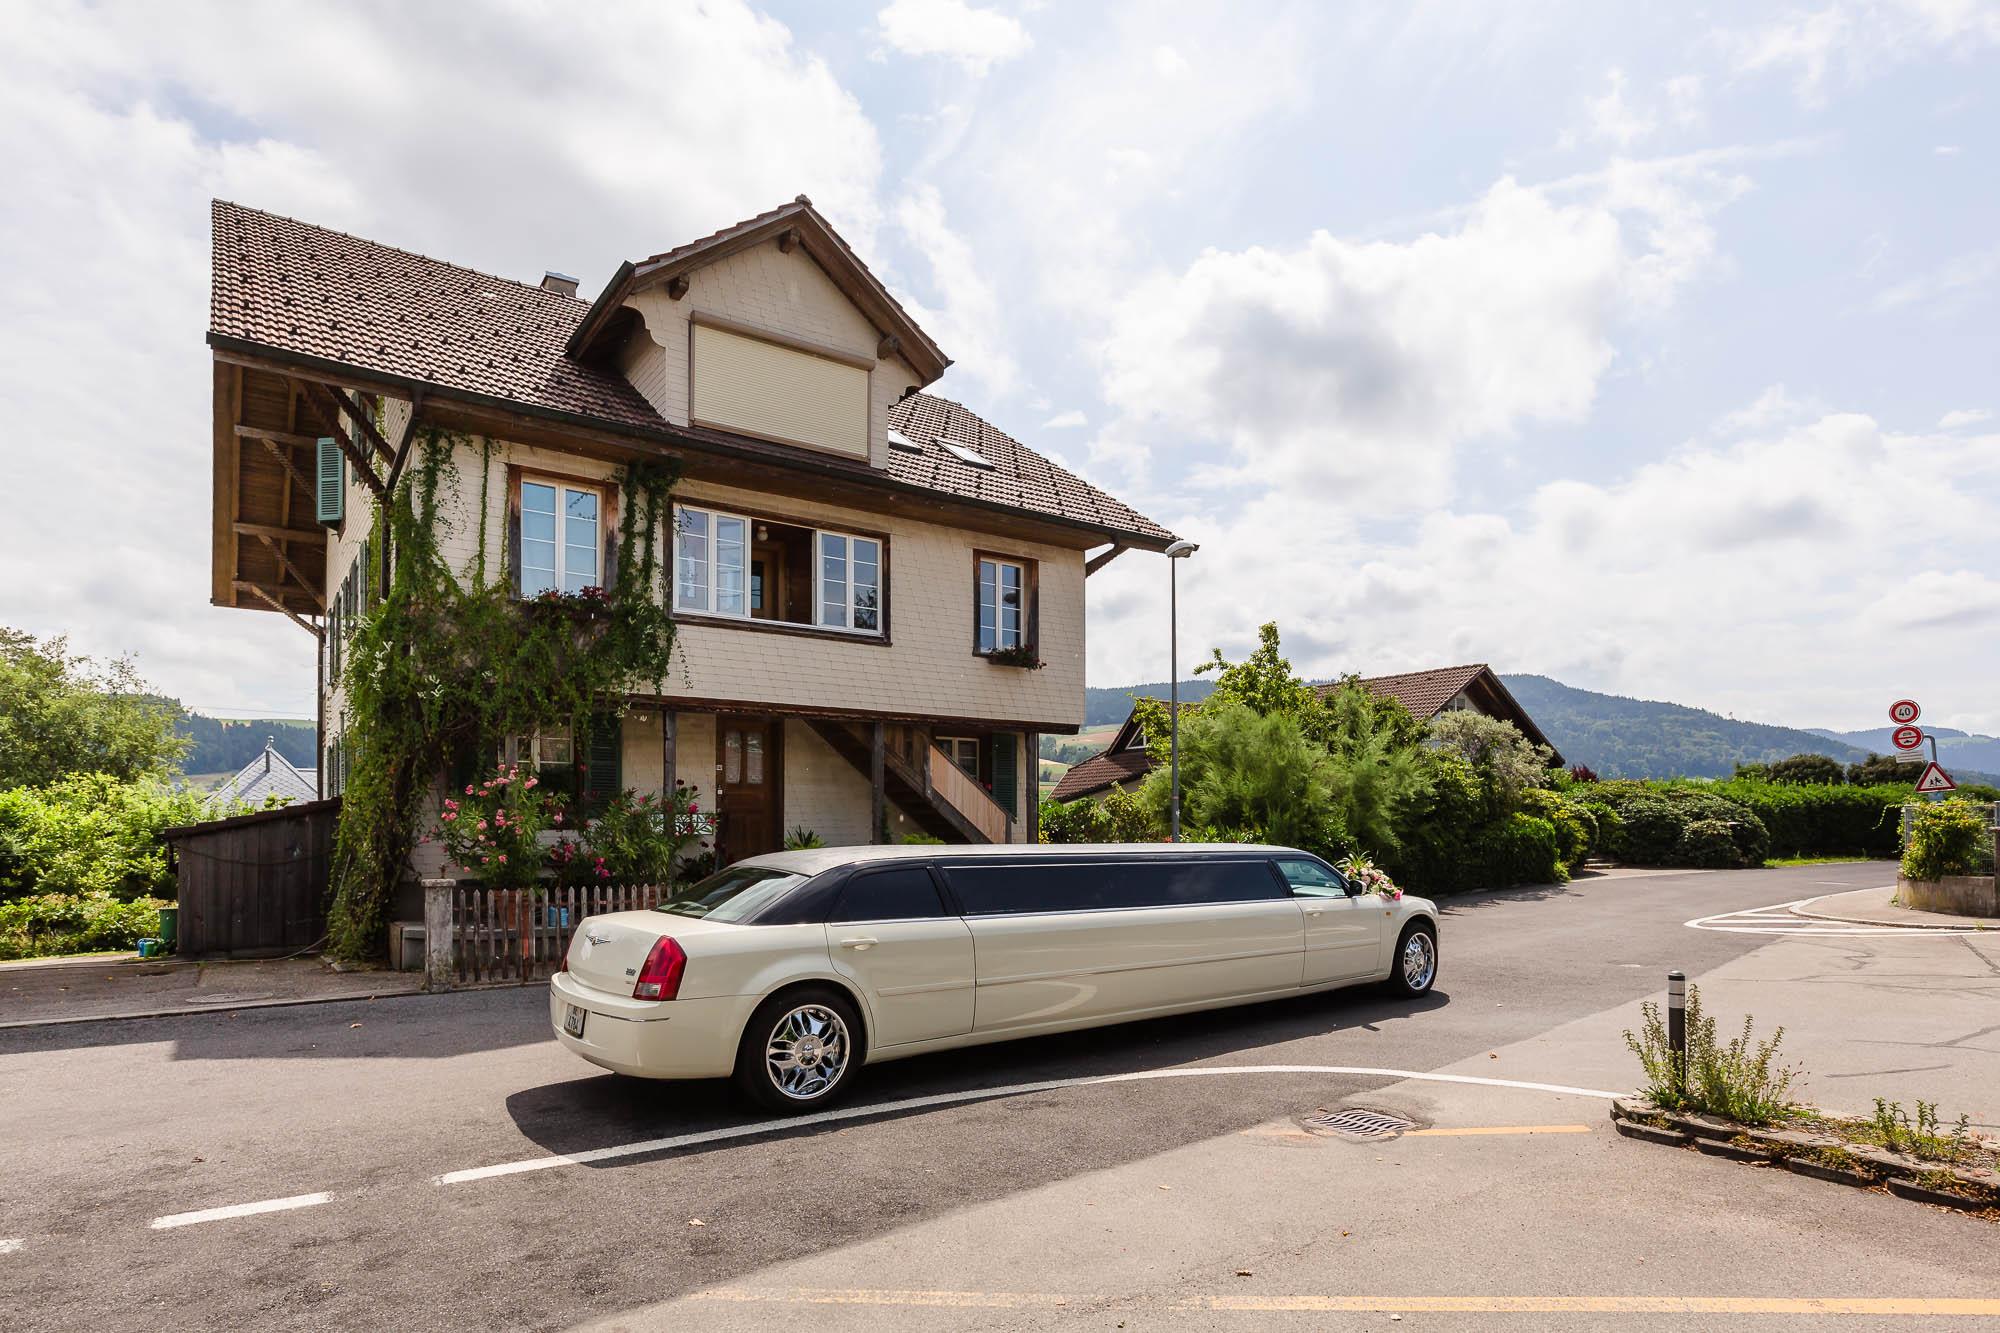 Limousine vor altem Haus